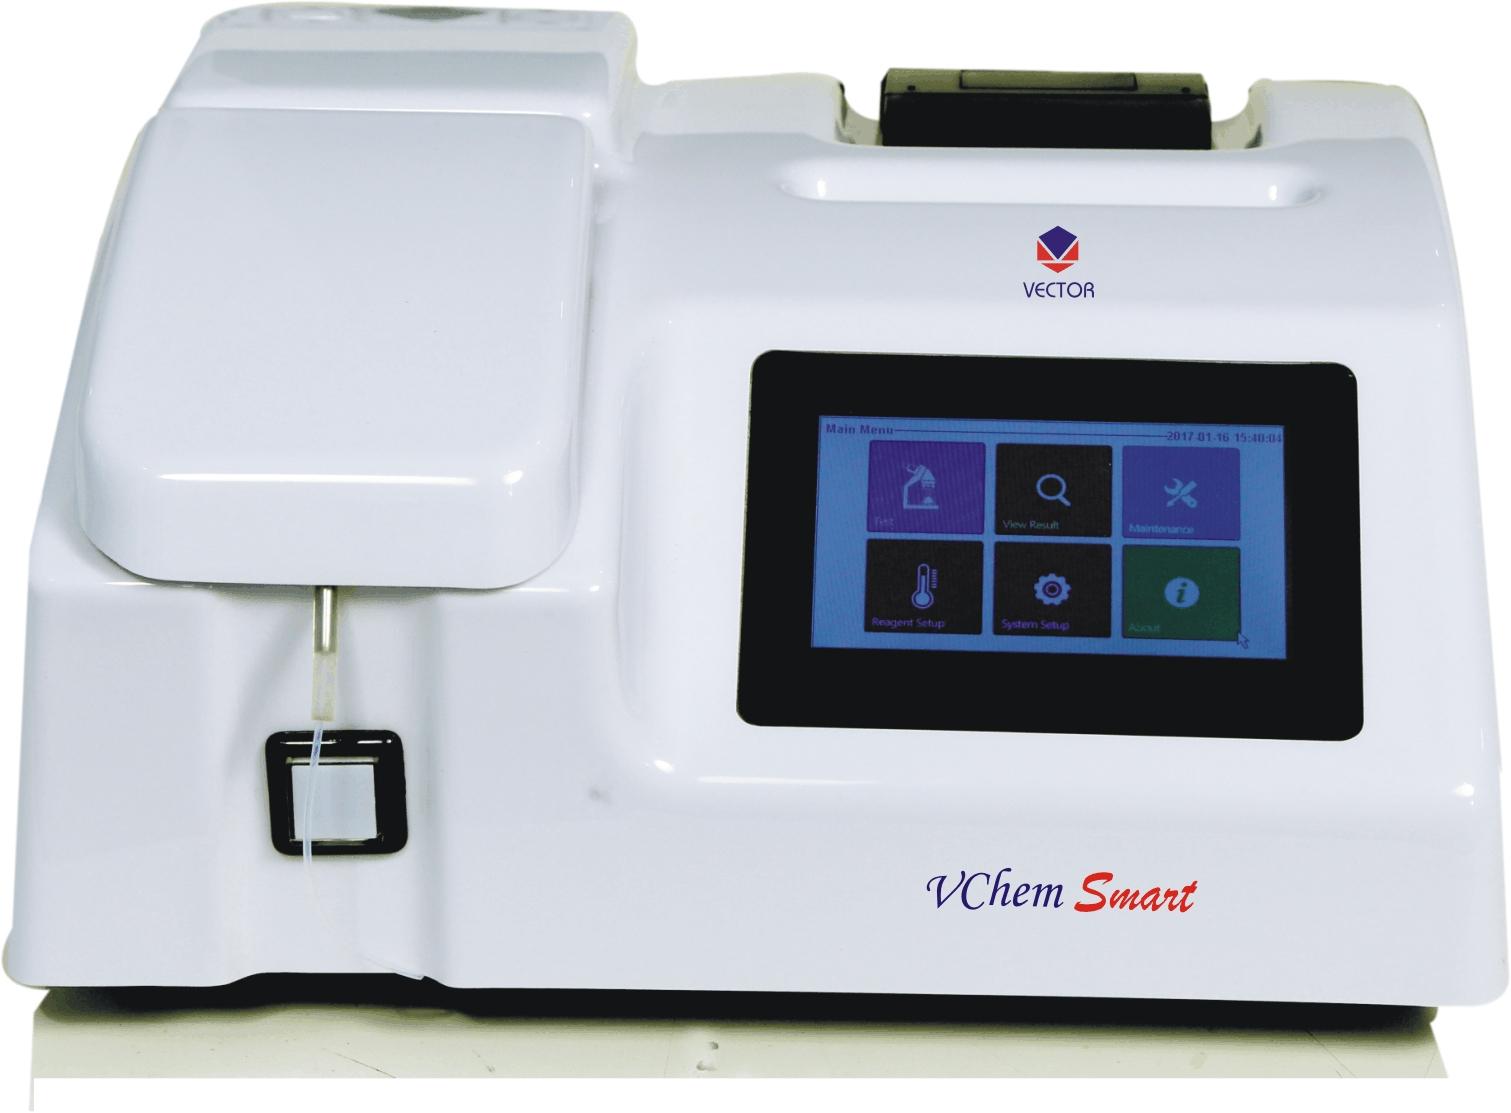 Vchem Smart - Semi auto biochemistry analyzer | Beacon